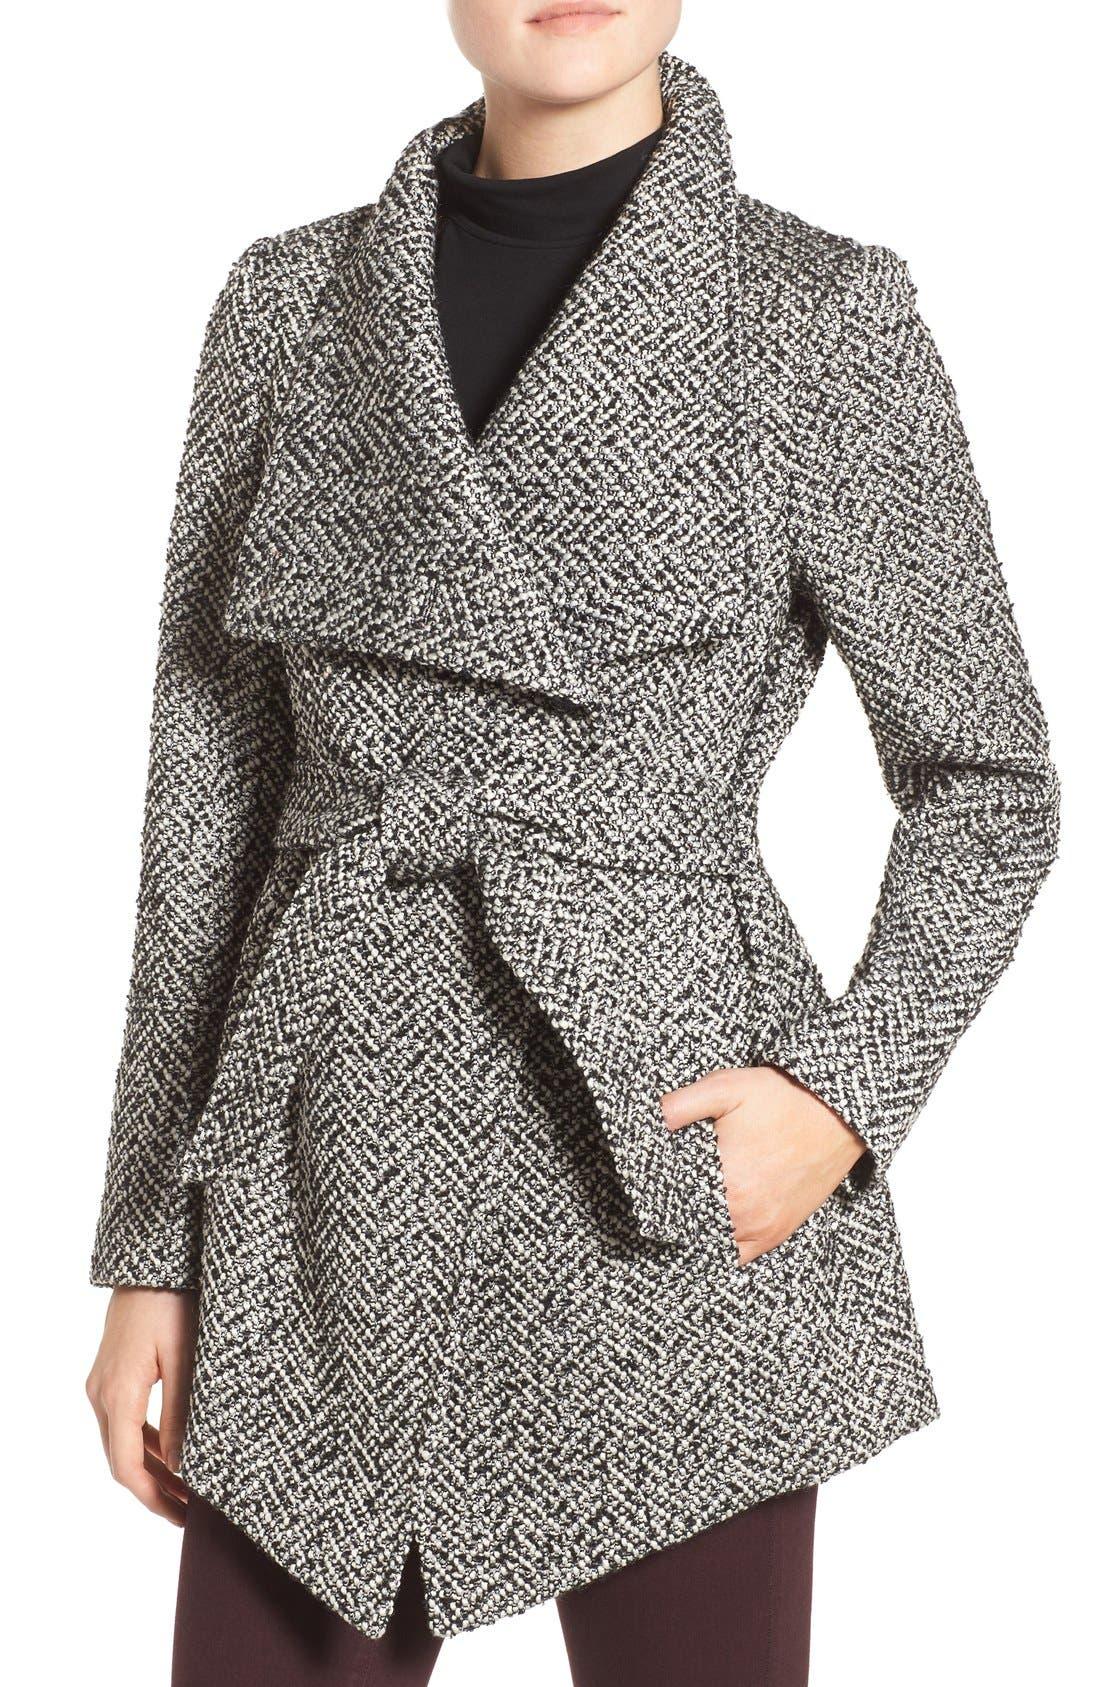 Belted Tweed Coat,                         Main,                         color, Black White Tweed